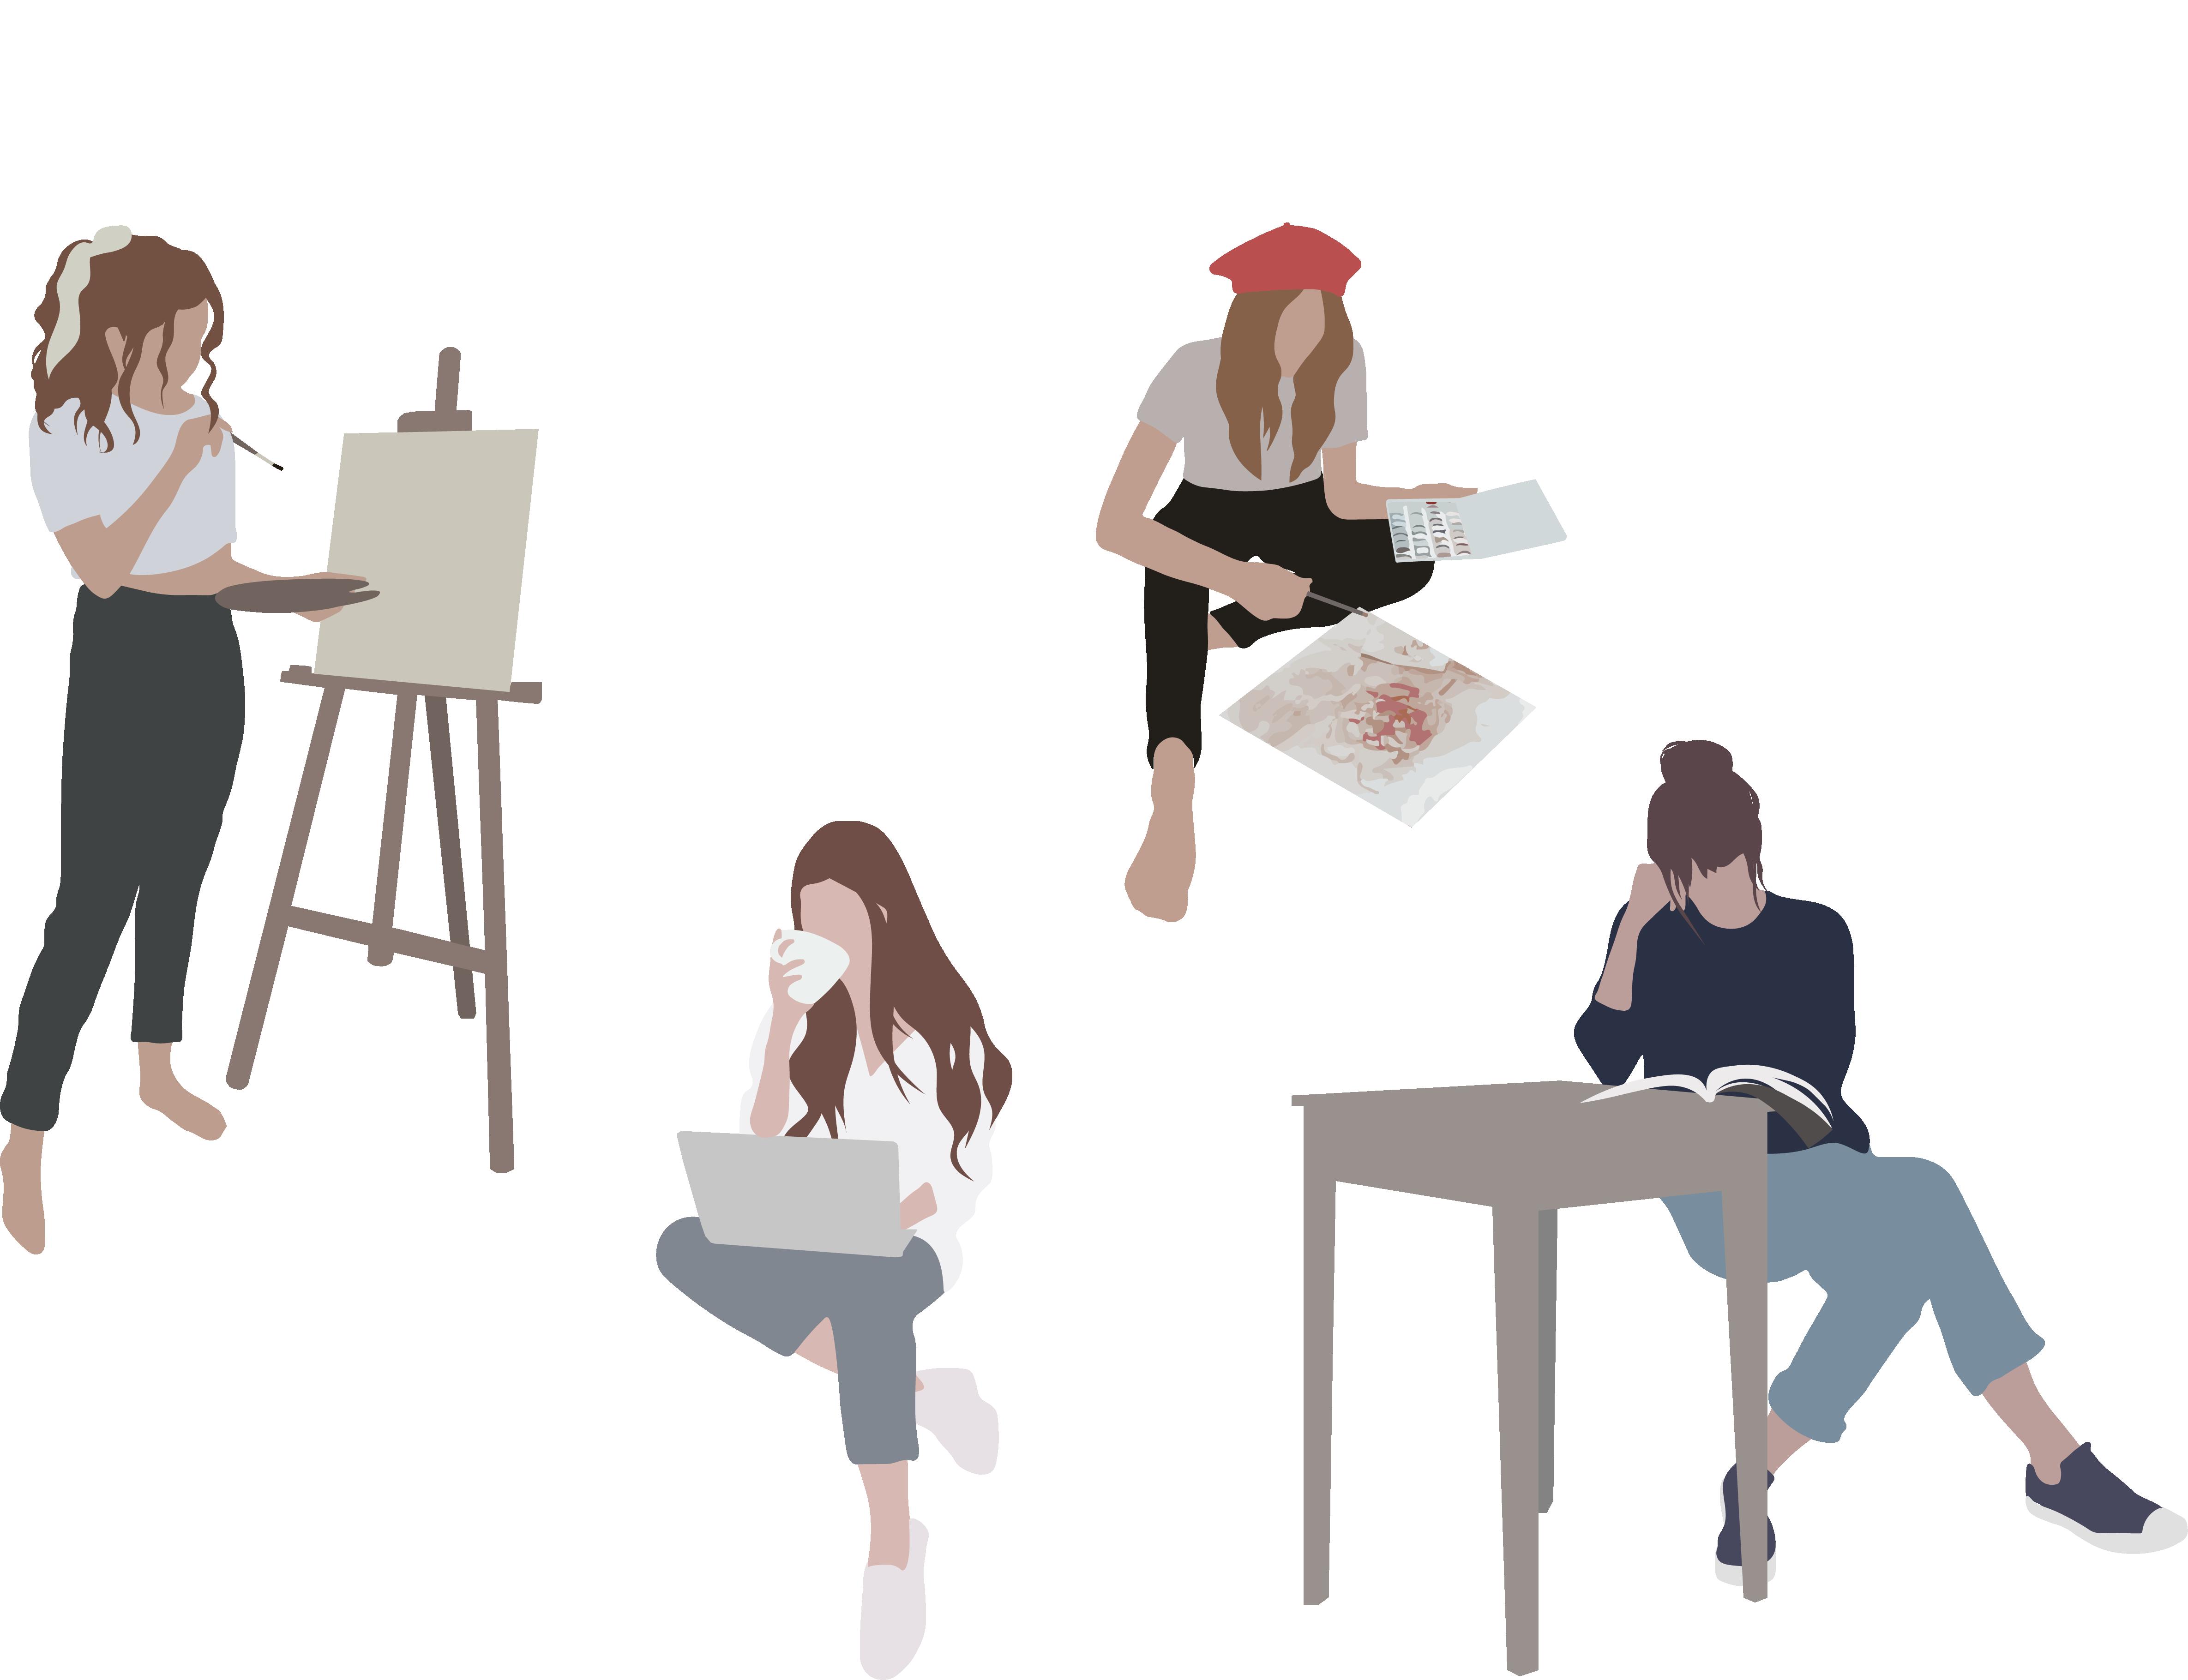 Flat Vector People Illustration Nel 2020 Illustrazioni Di Persone Illustration Figure Umane